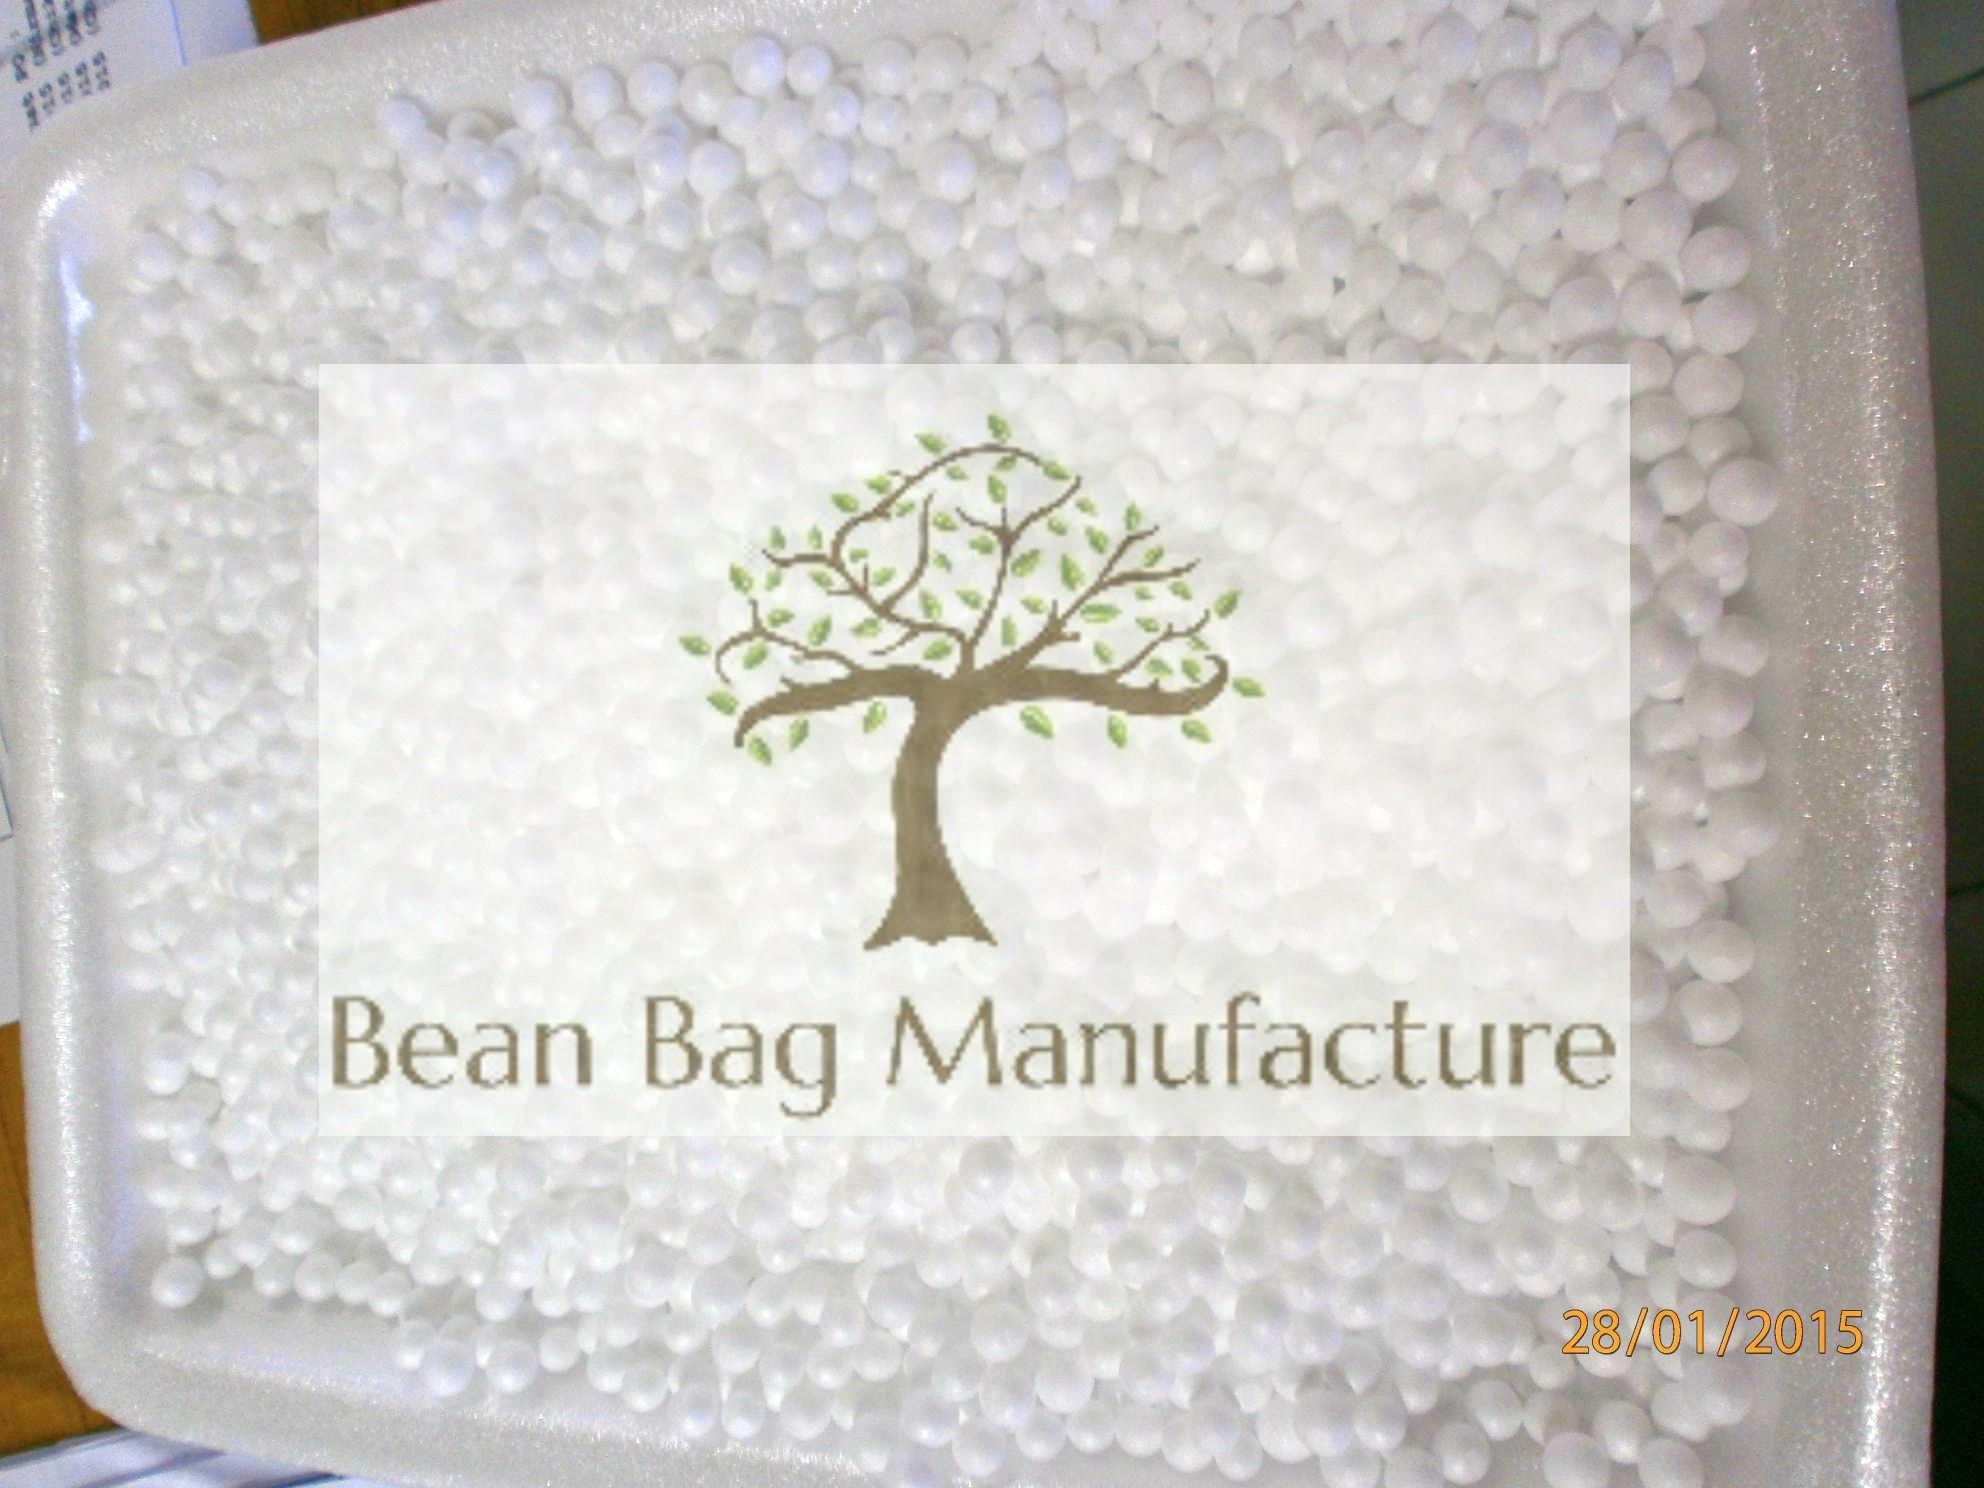 Produksi Jual Butiran Styrofoam Eps Beans Isi Filling